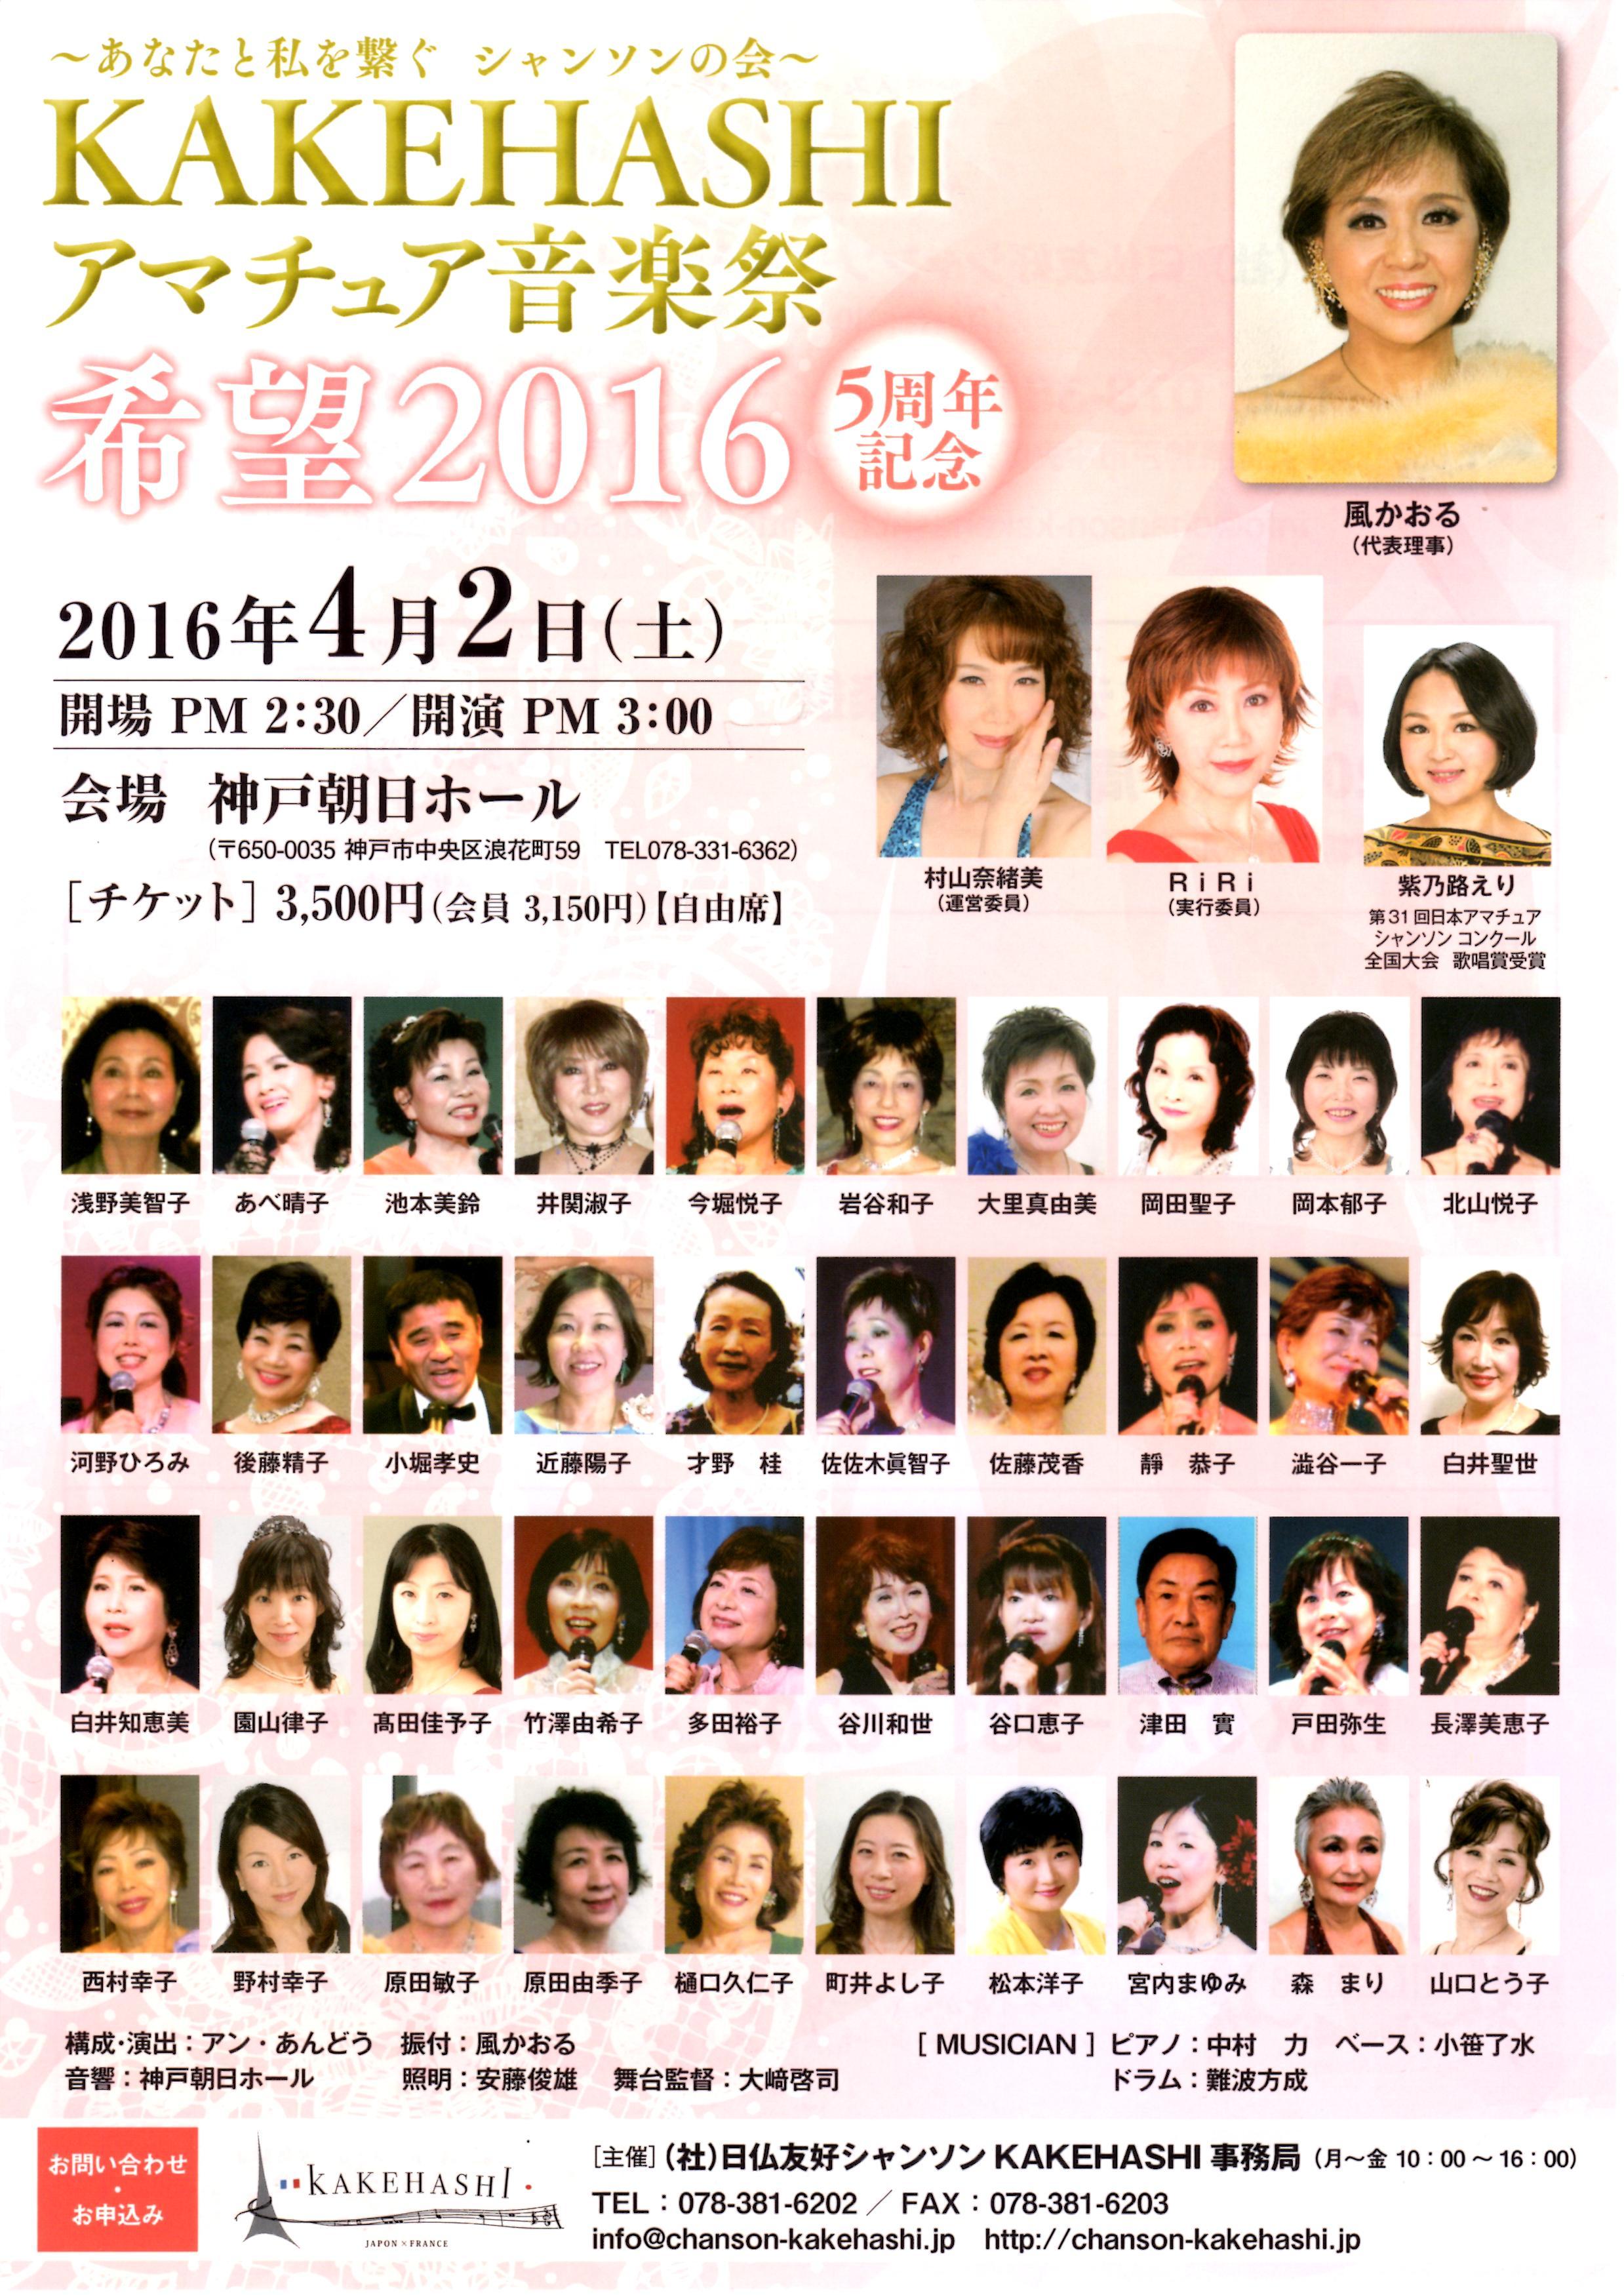 希望2016